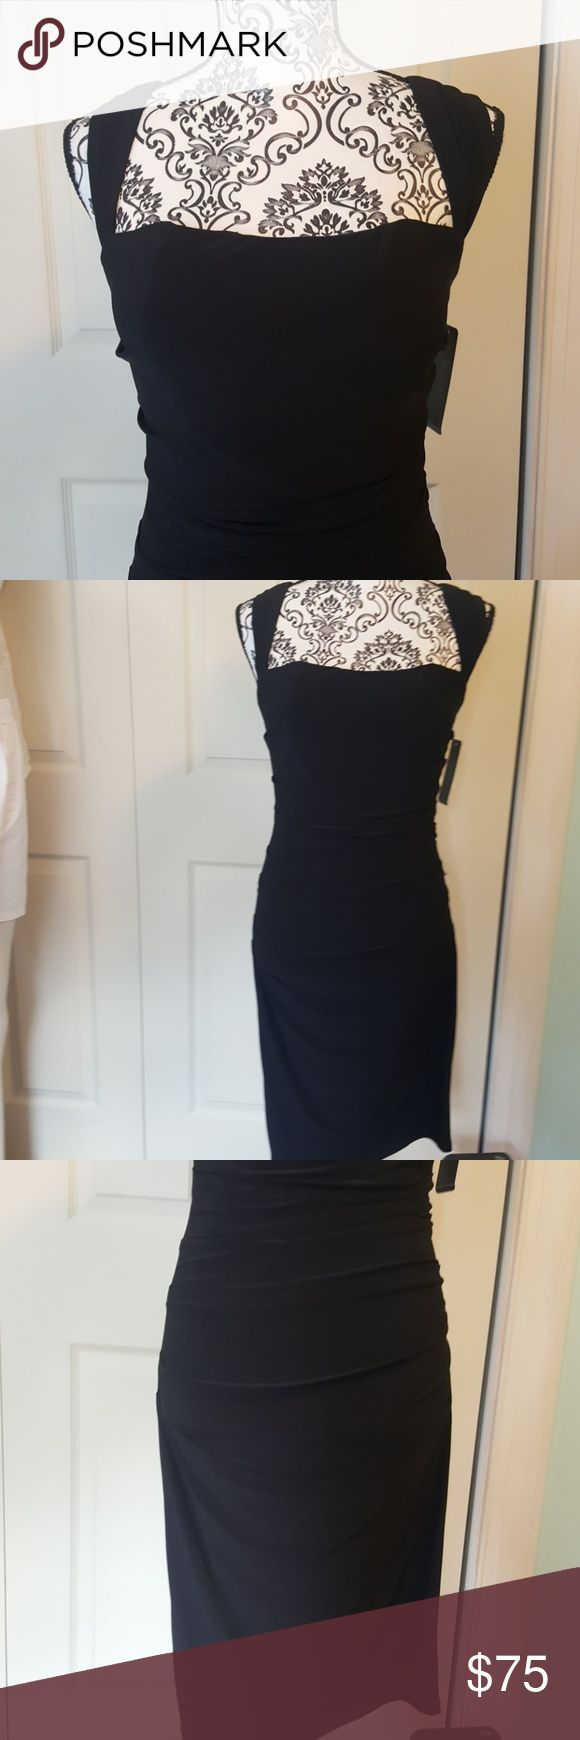 Black dresses 7 16 die